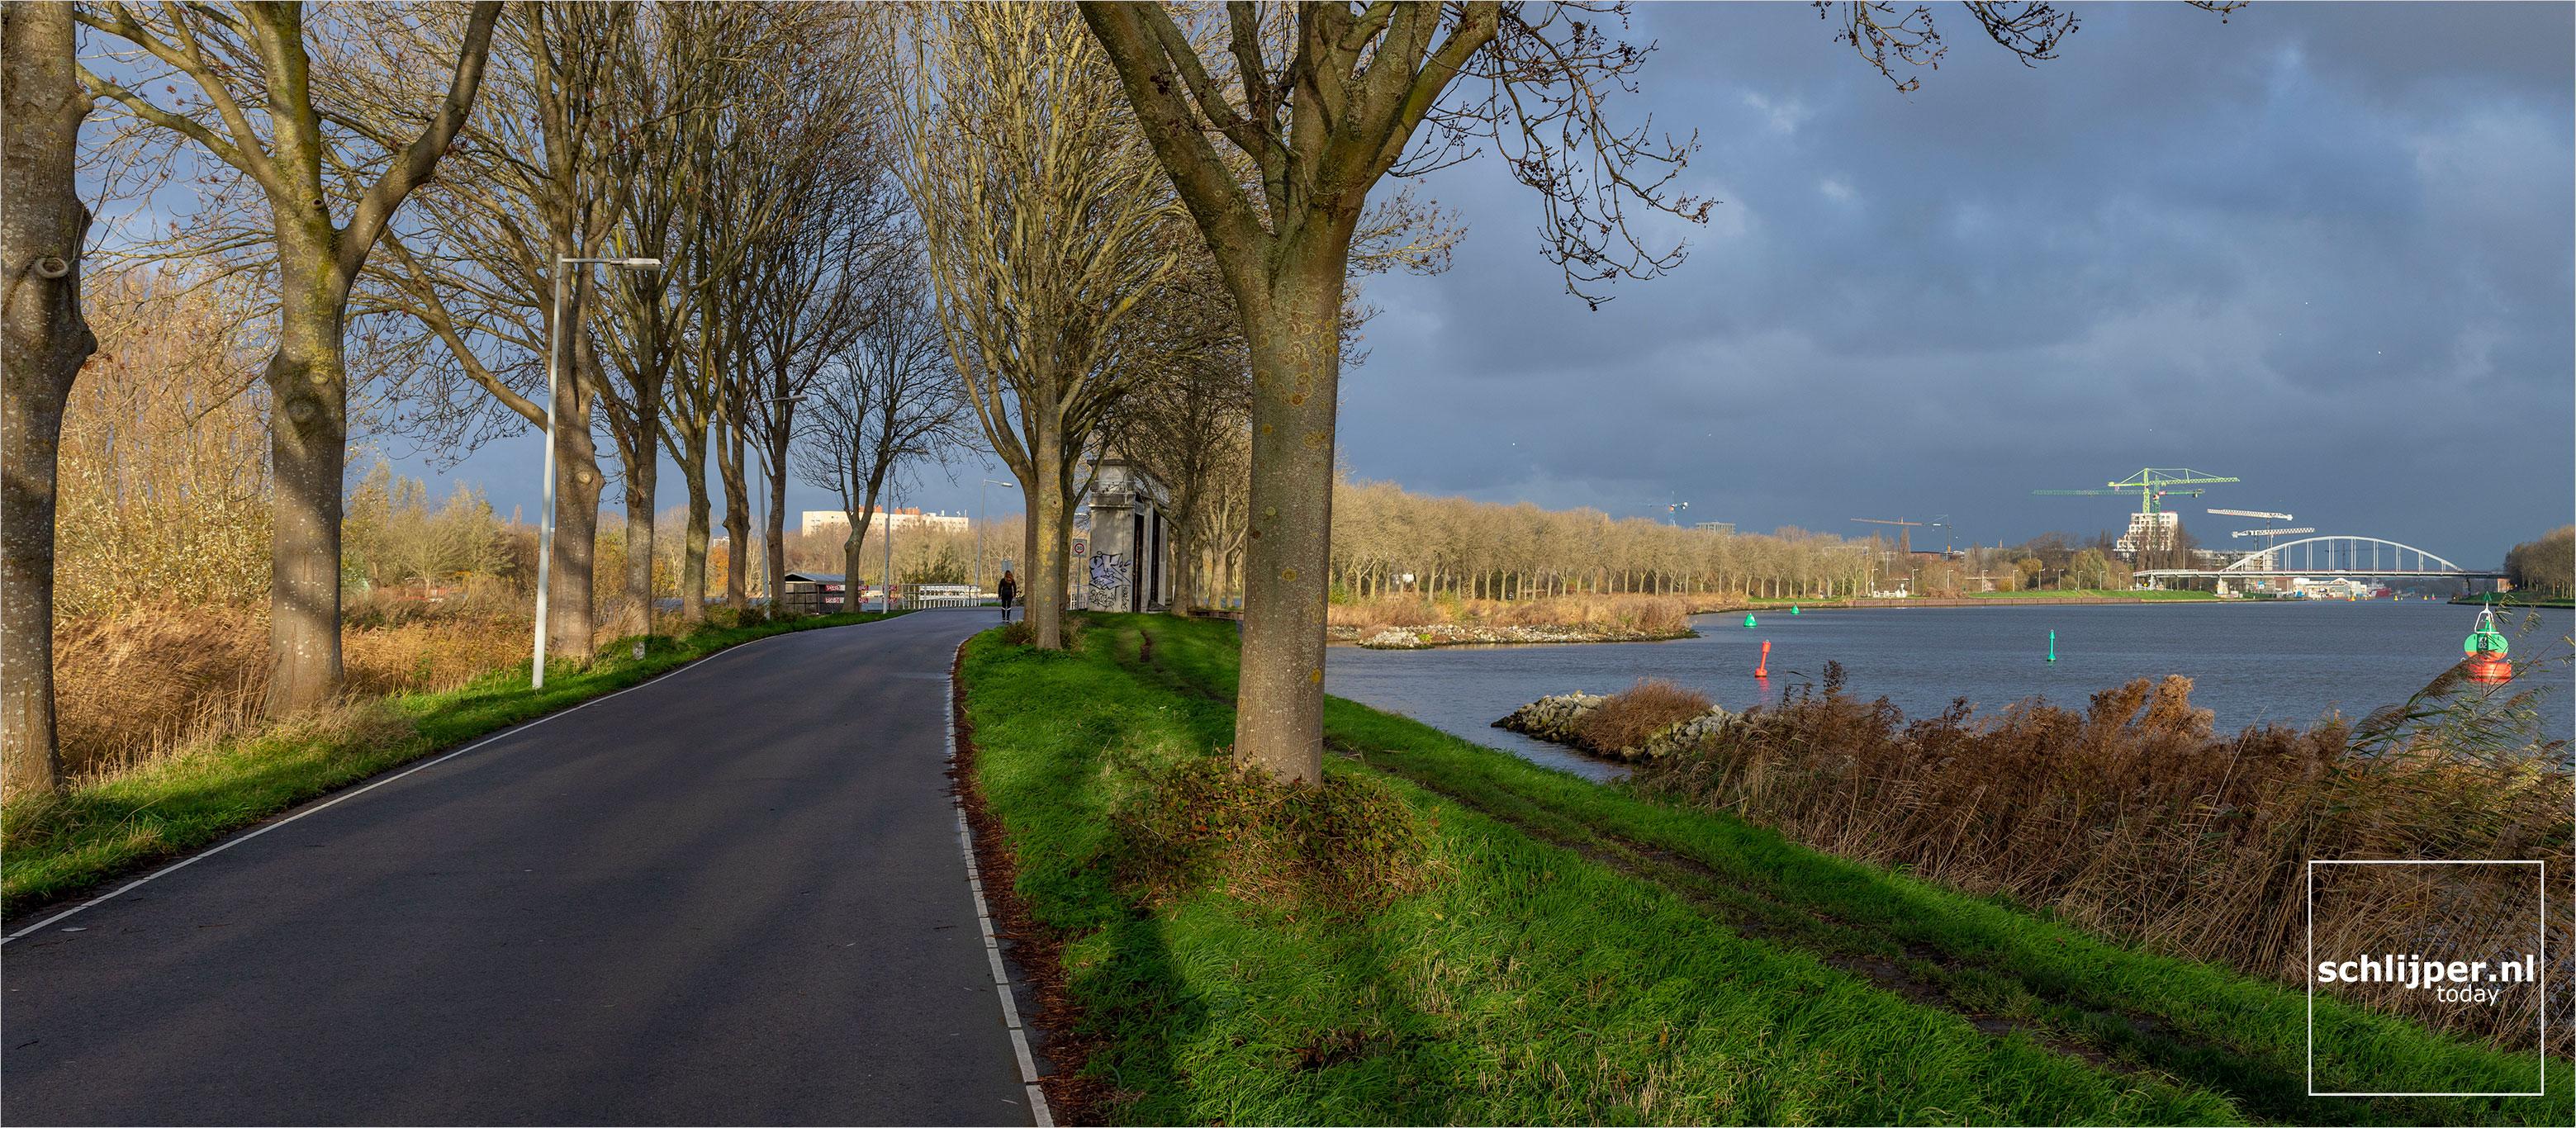 Nederland, Amsterdam, 19 november 2020